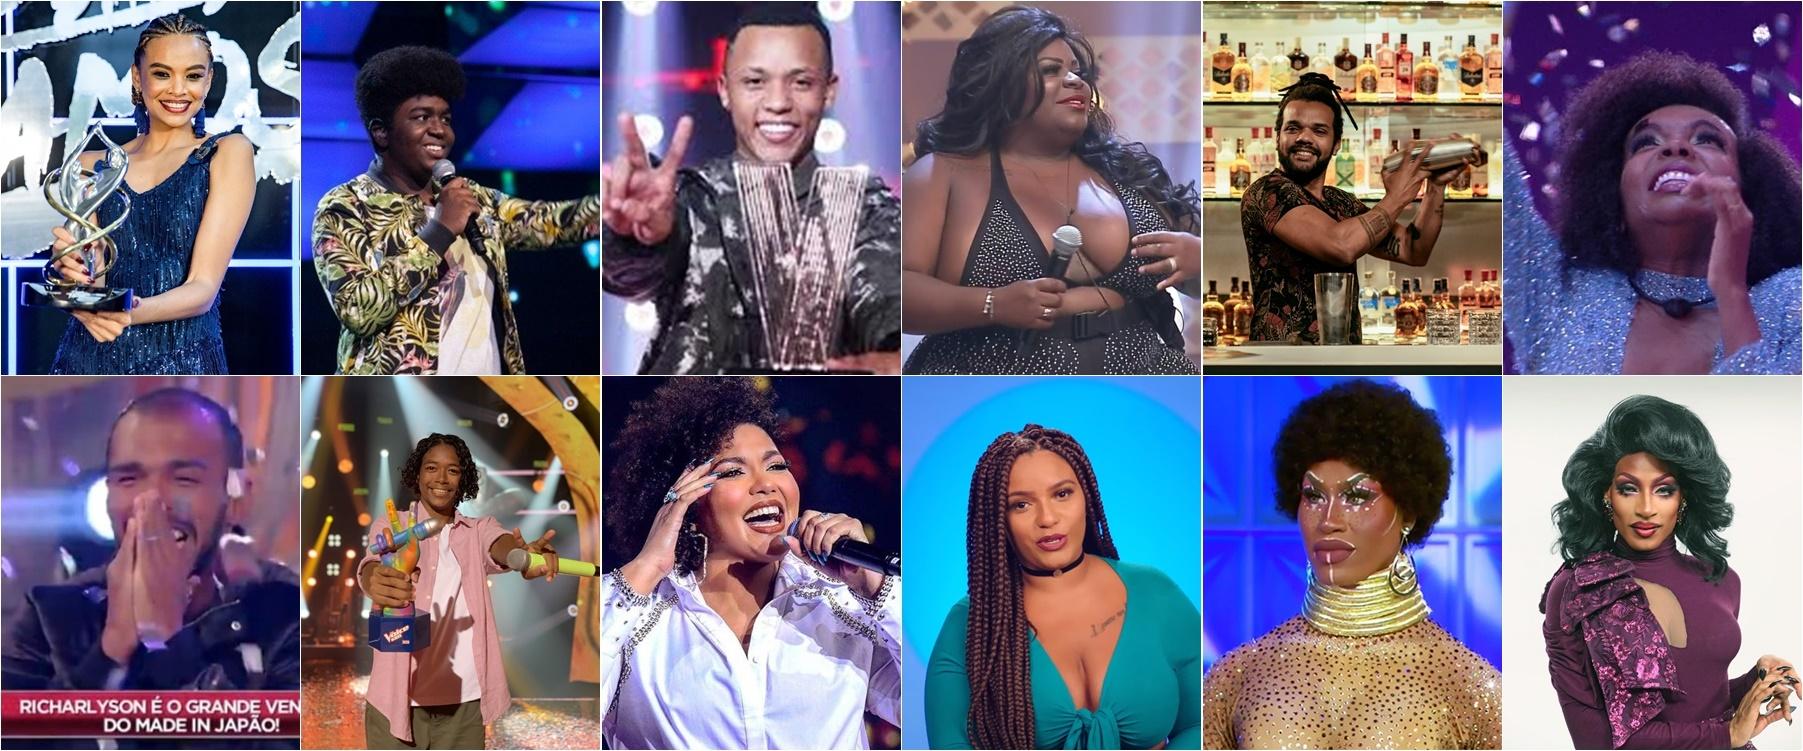 vencedores negros de realities shows no Brasil em 2020 (Foto: Reprodução Internet + montagem Telemaníacos)